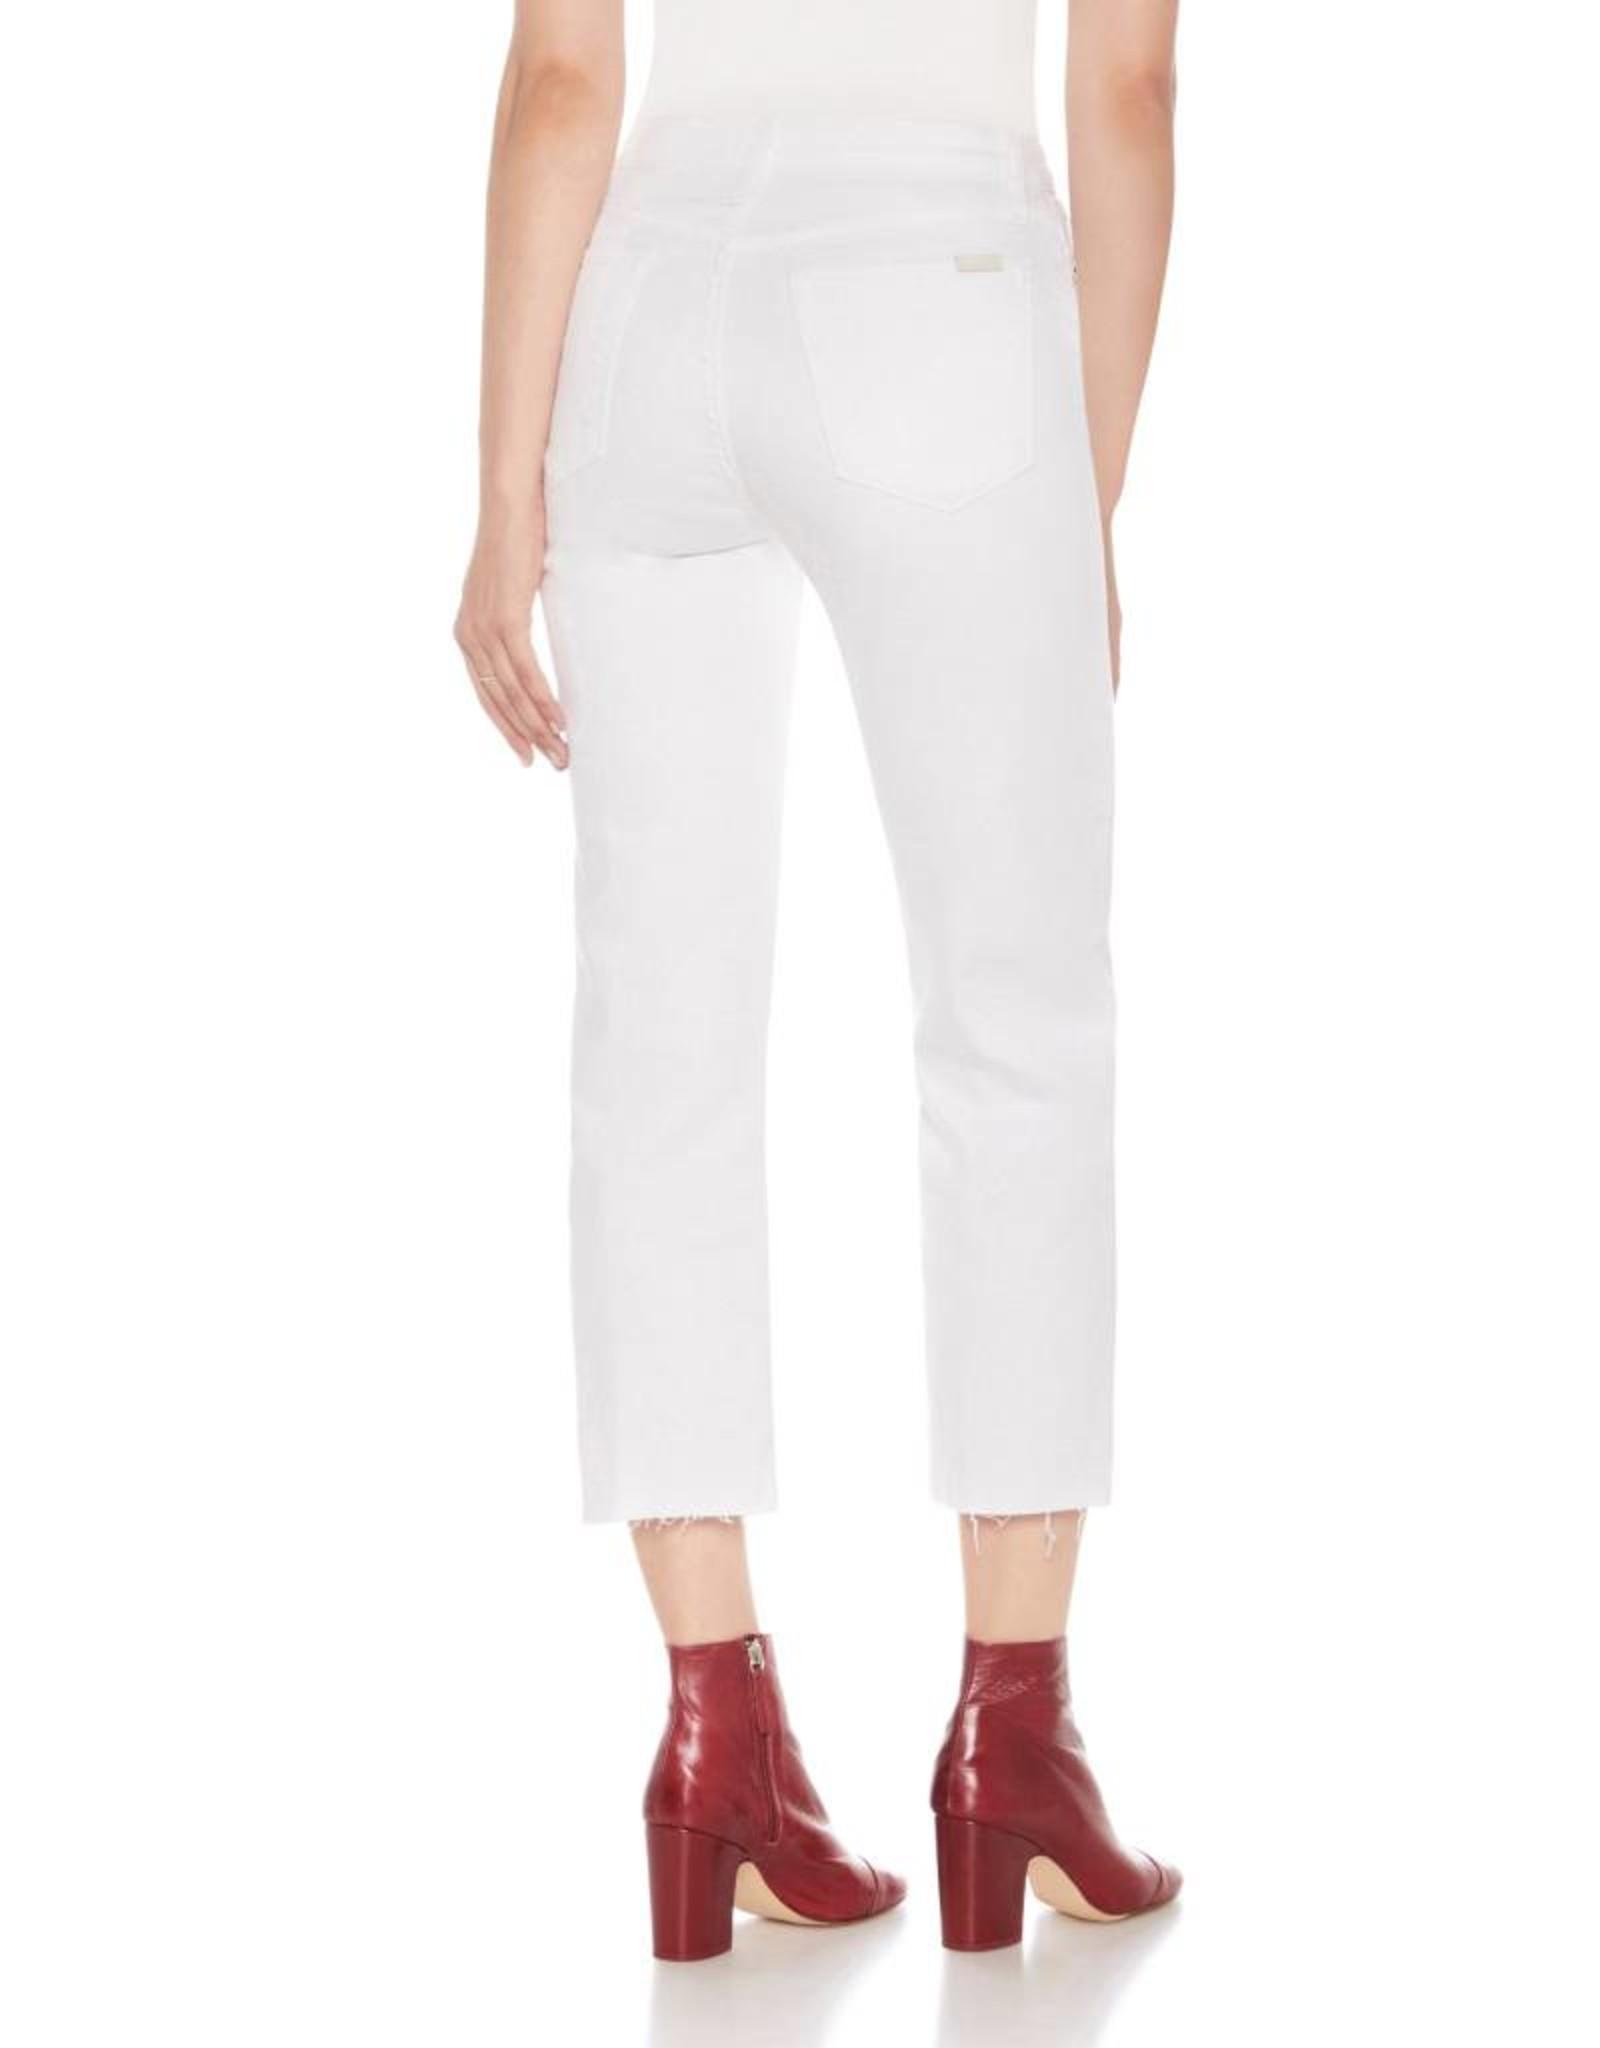 Joes Jeans Wyatt, Straight Crop Jean